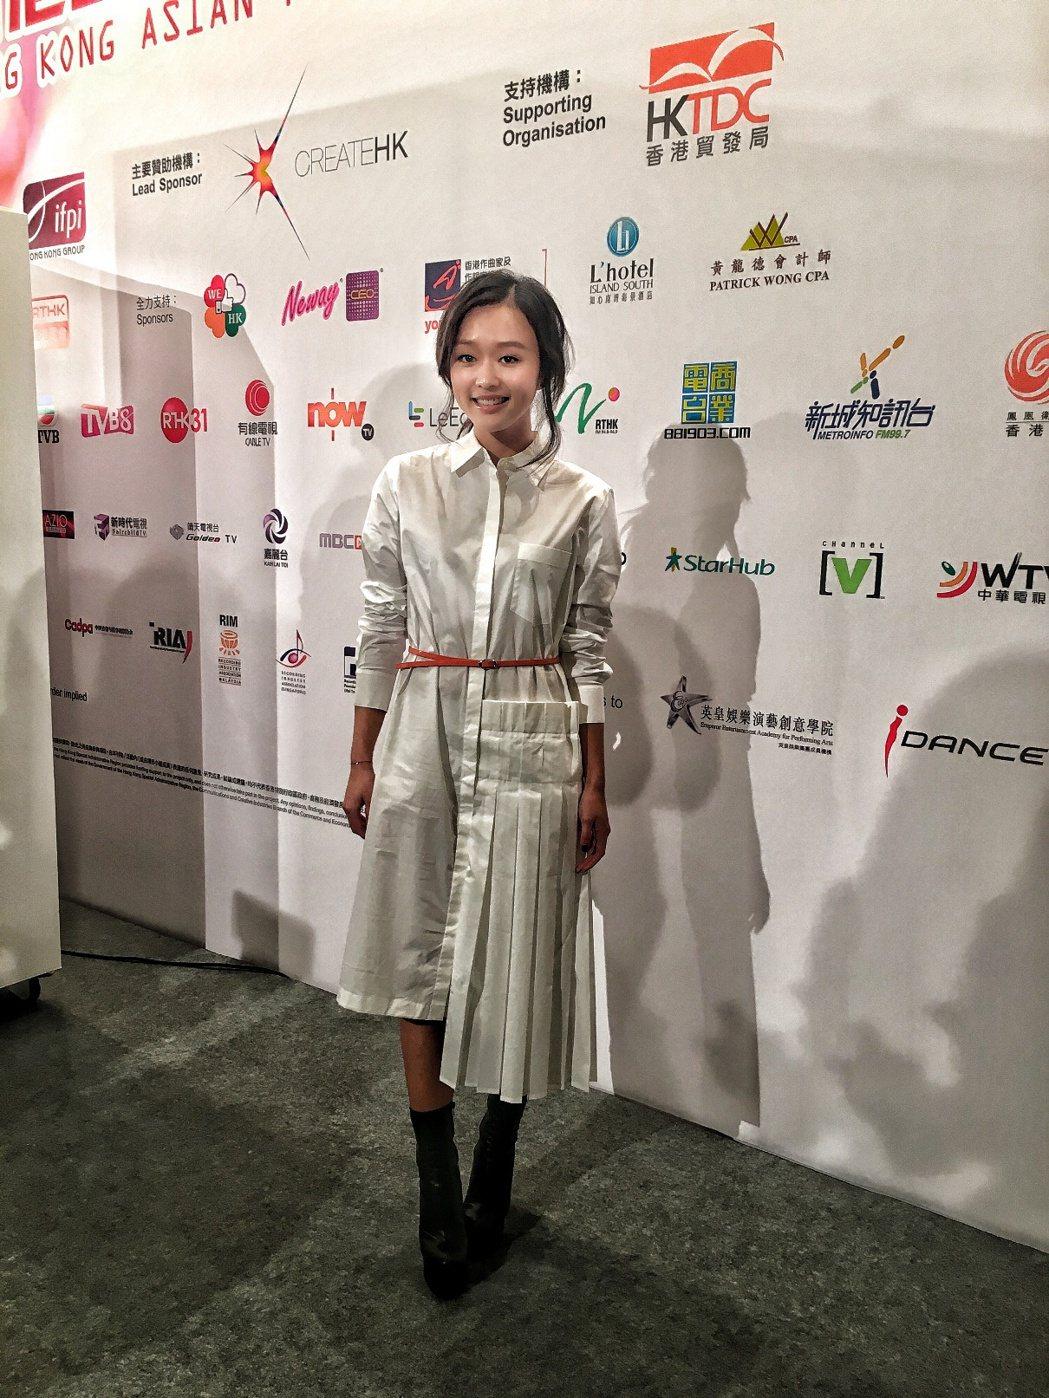 陳明憙出道半年成績斐然,屢獲獎項肯定。圖/太陽娛樂提供